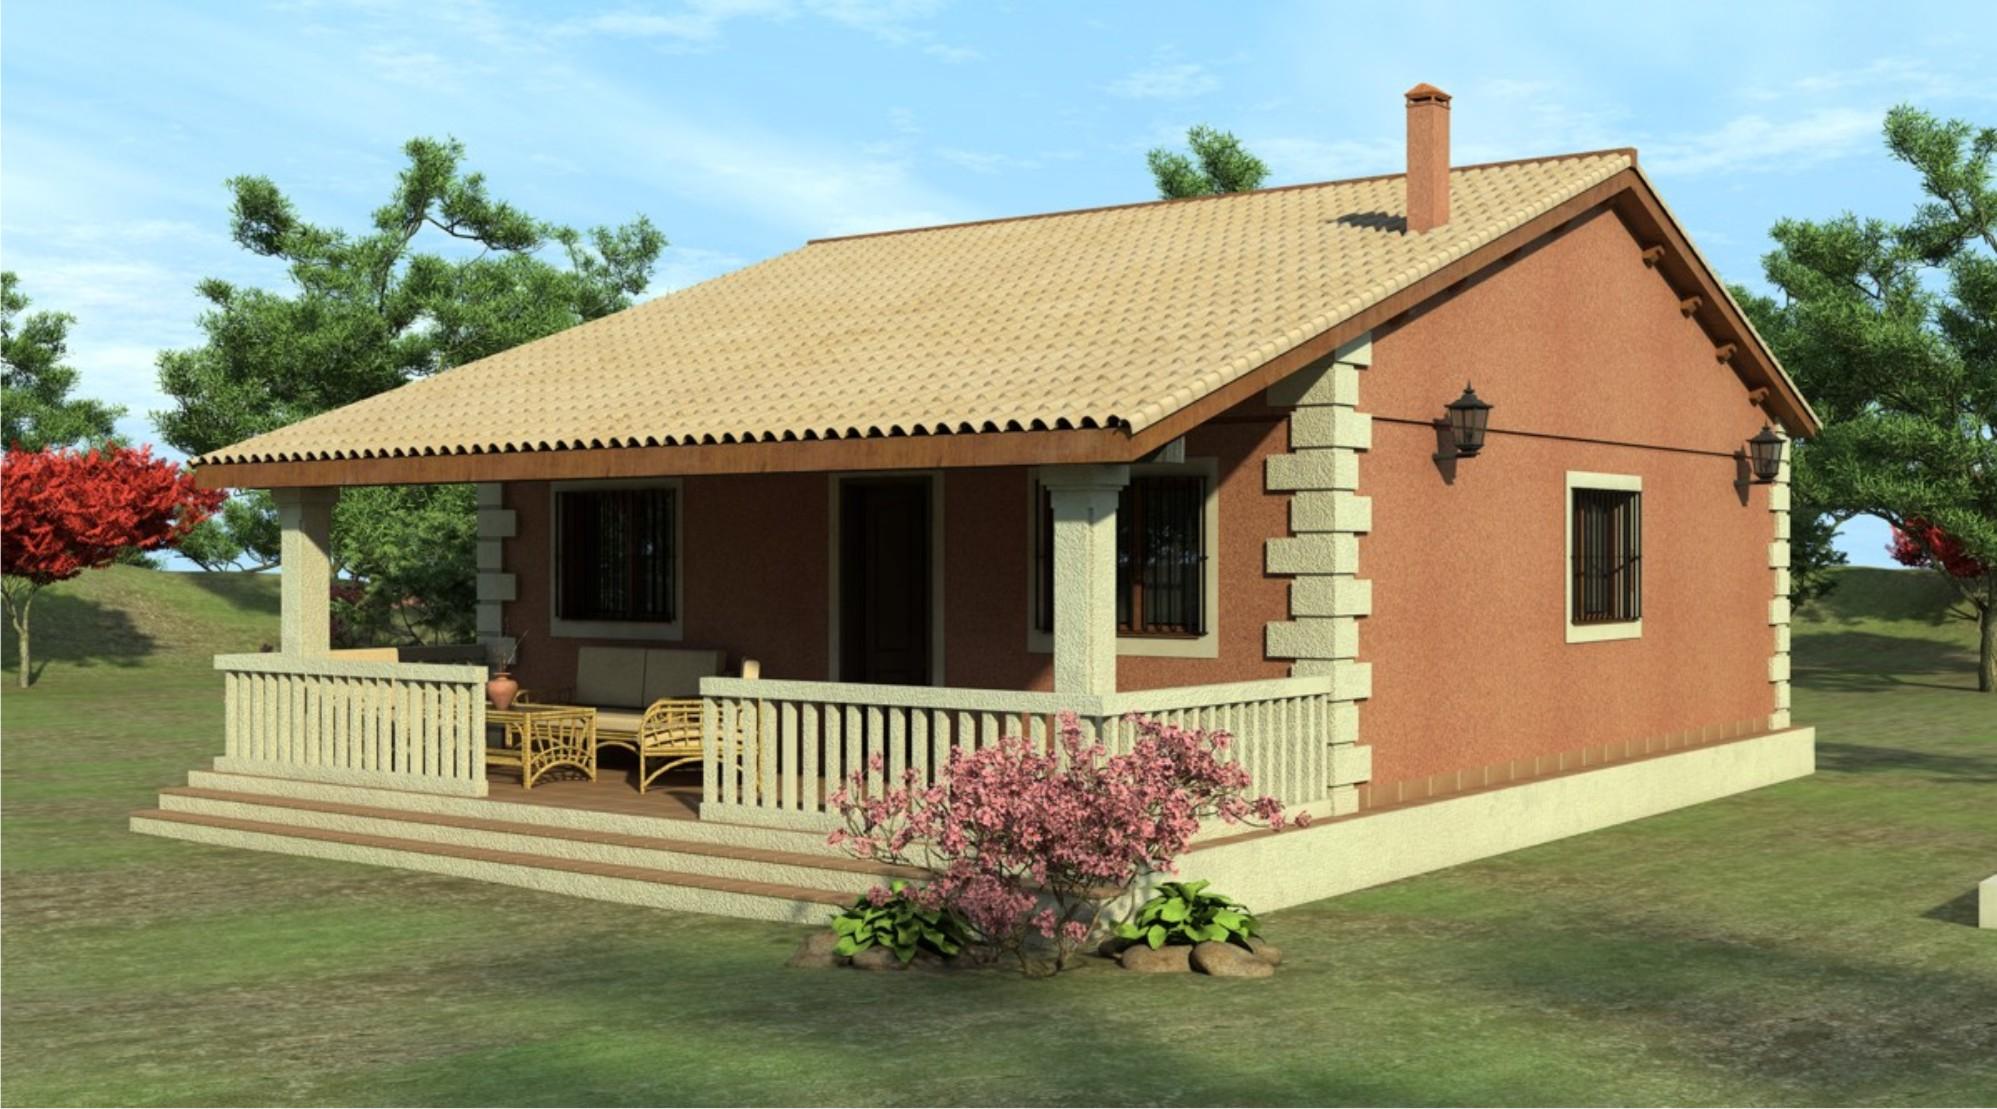 Casas de hormigon precio affordable with casas de - Casas hormigon precios ...